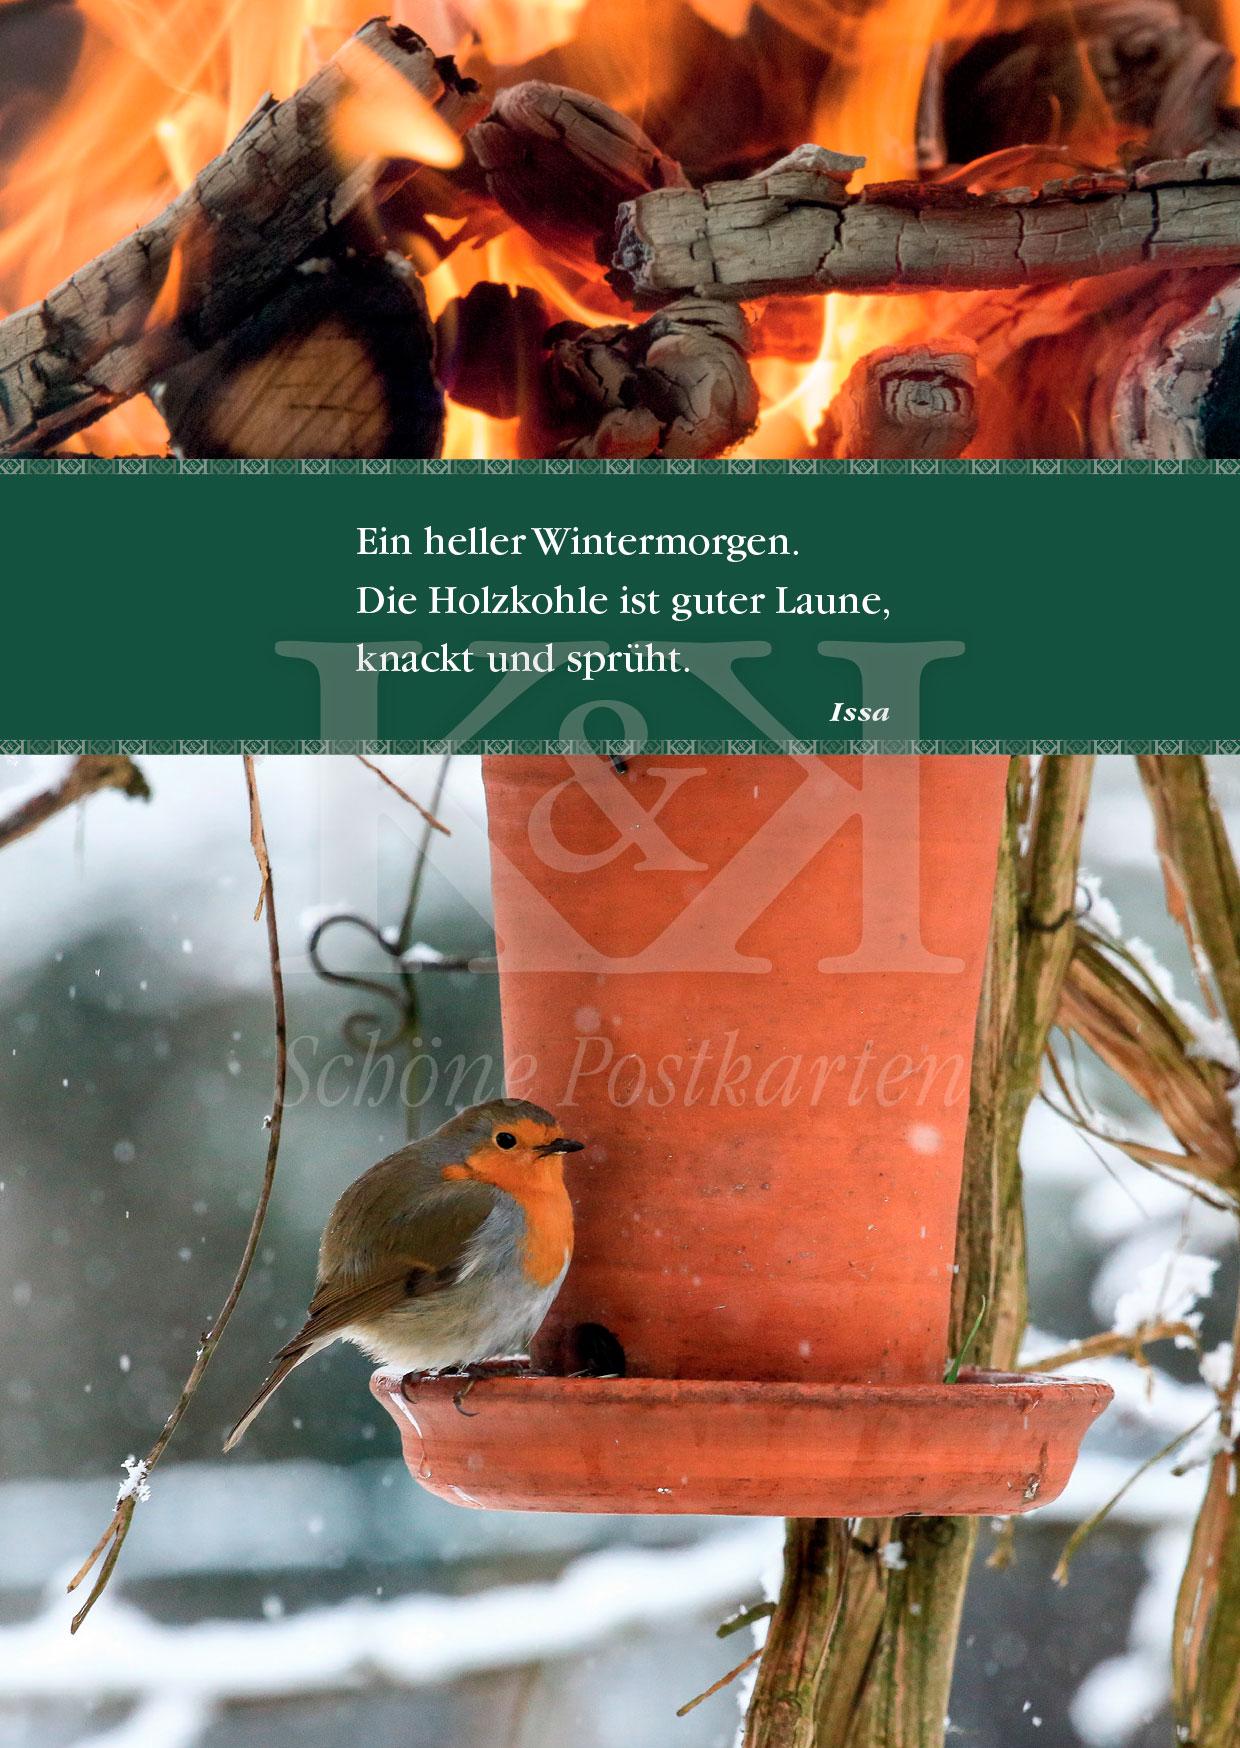 Schöne Postkarte Nr. 122 · Der große Issa, Meister der kleinen Form · © www.schoenepostkarten.de